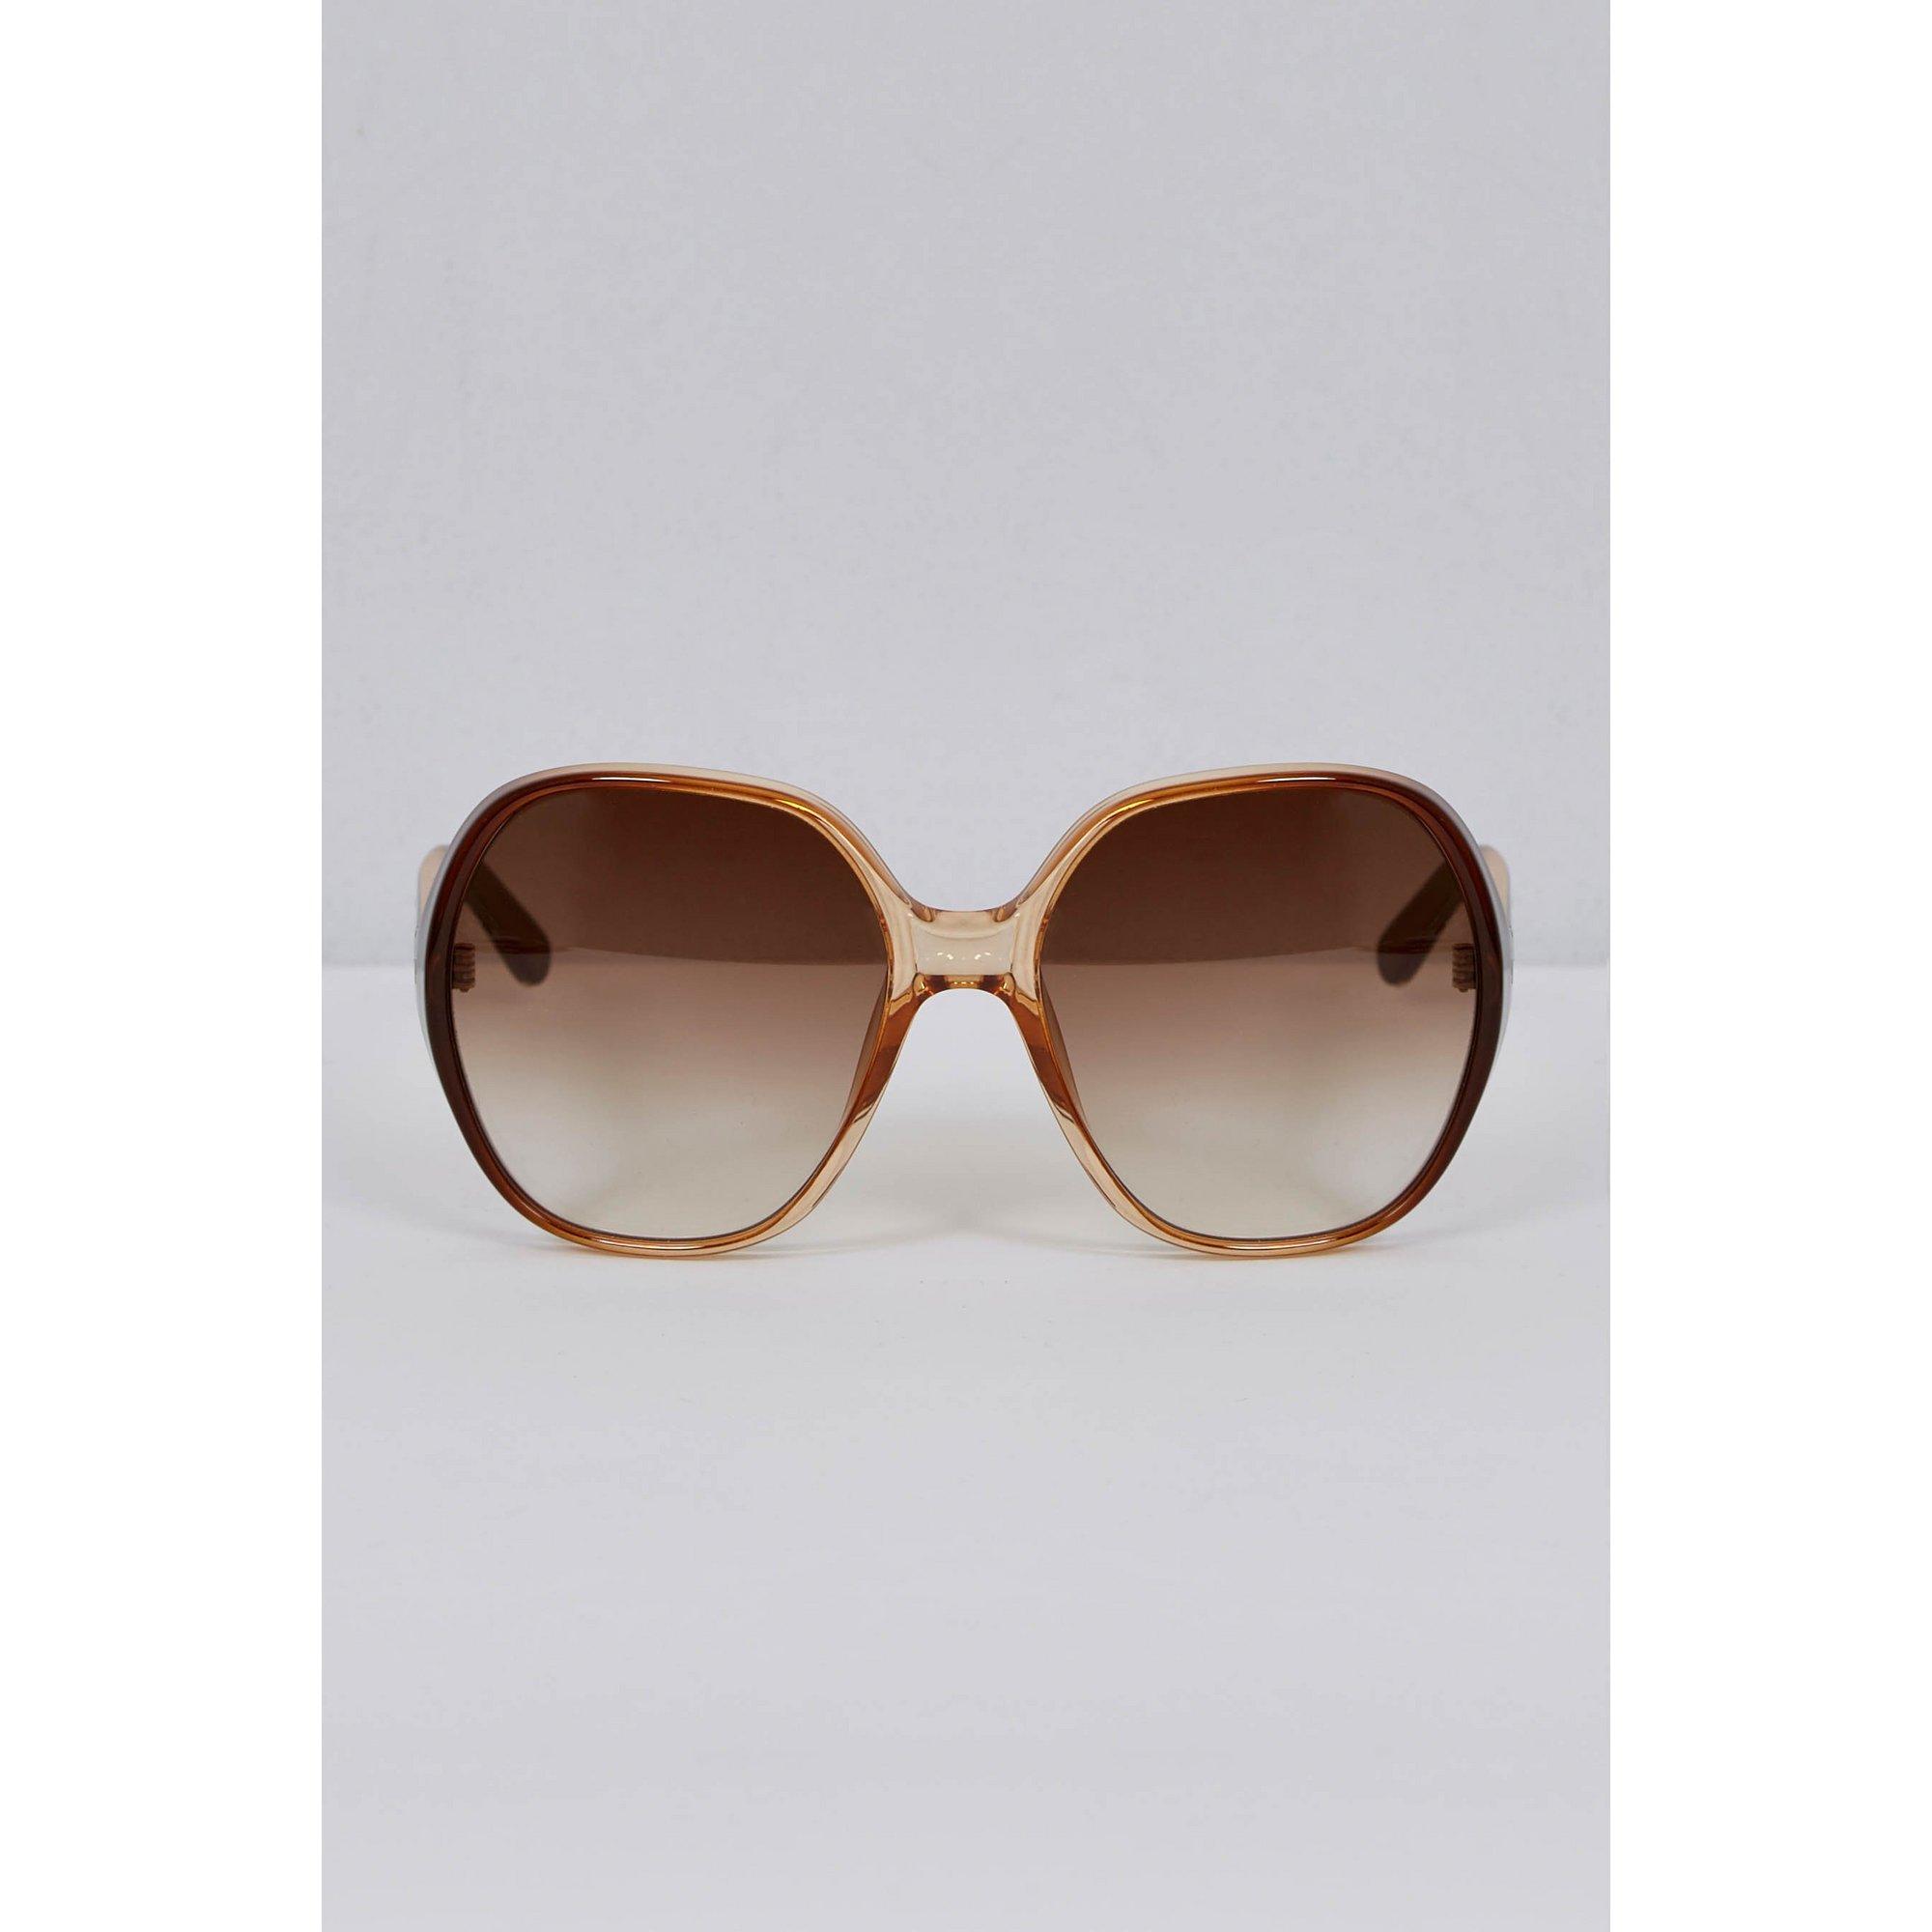 Image of Chloe Misha Oversized Tortoise Shell Sunglasses